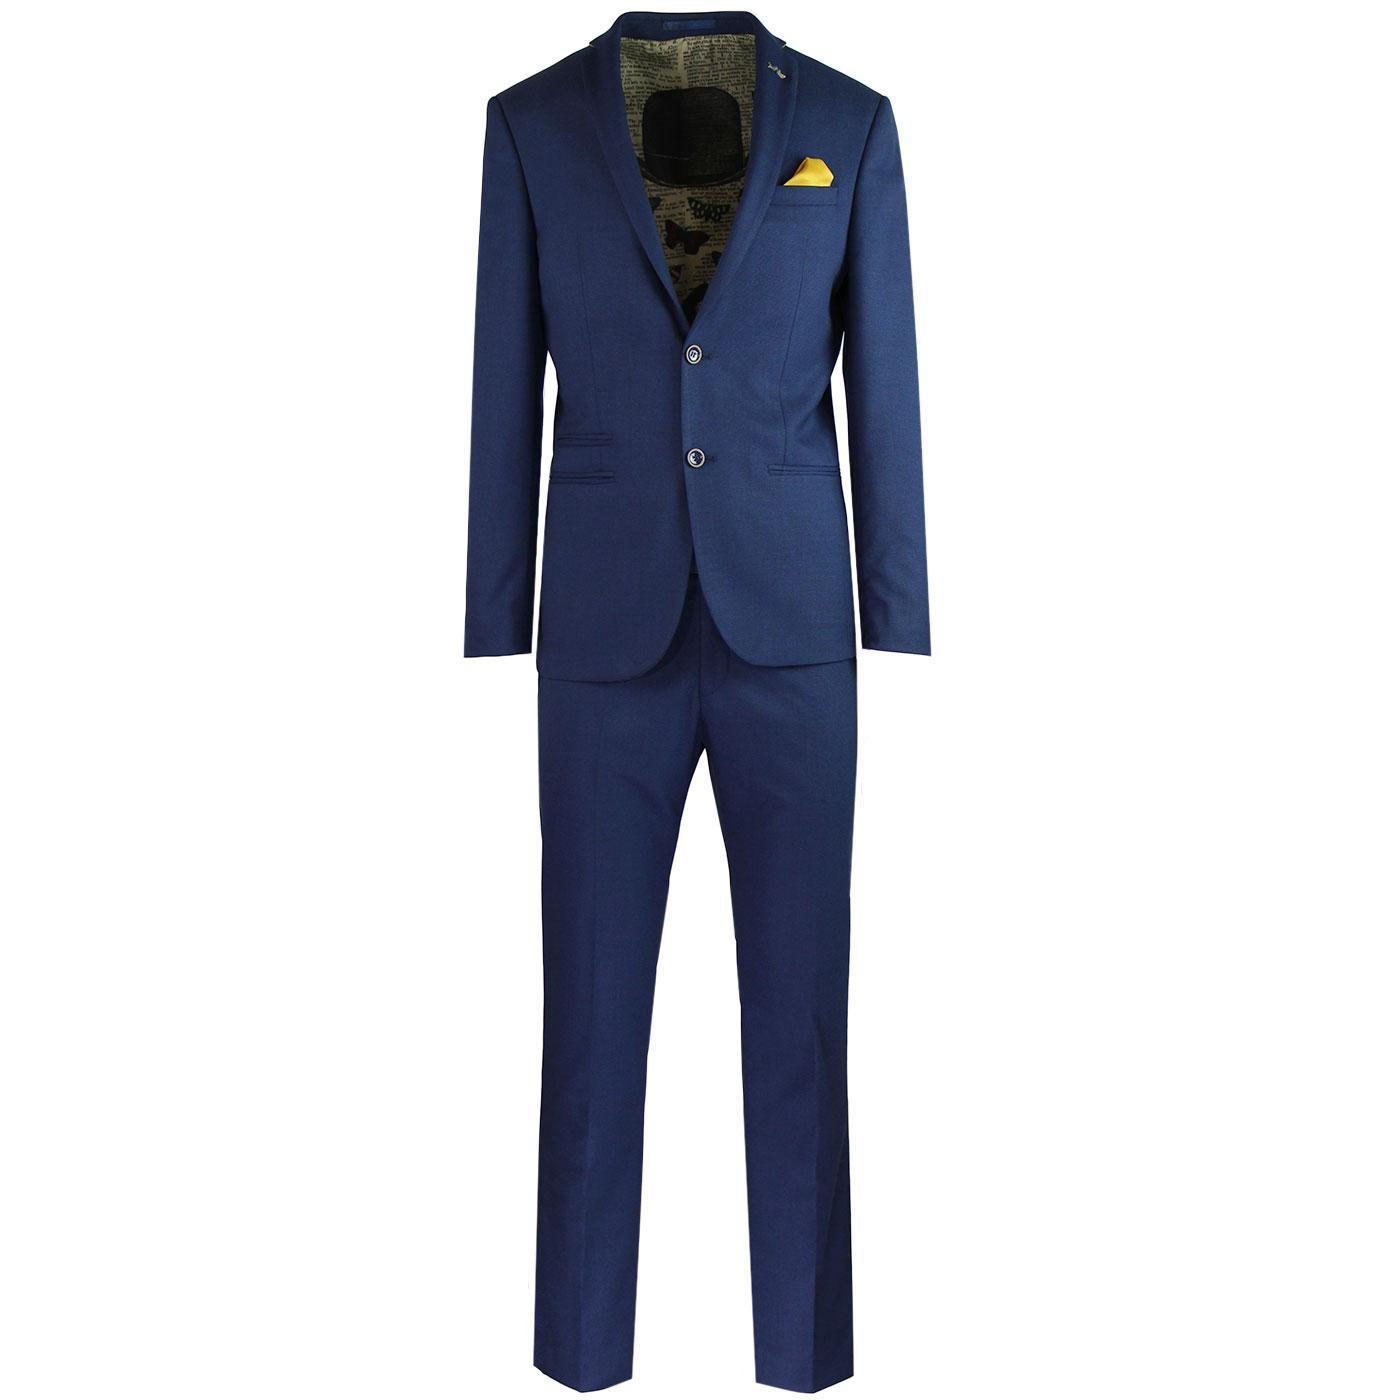 ANTIQUE ROGUE 60s Mod 2 Button Hopsack Suit - Blue